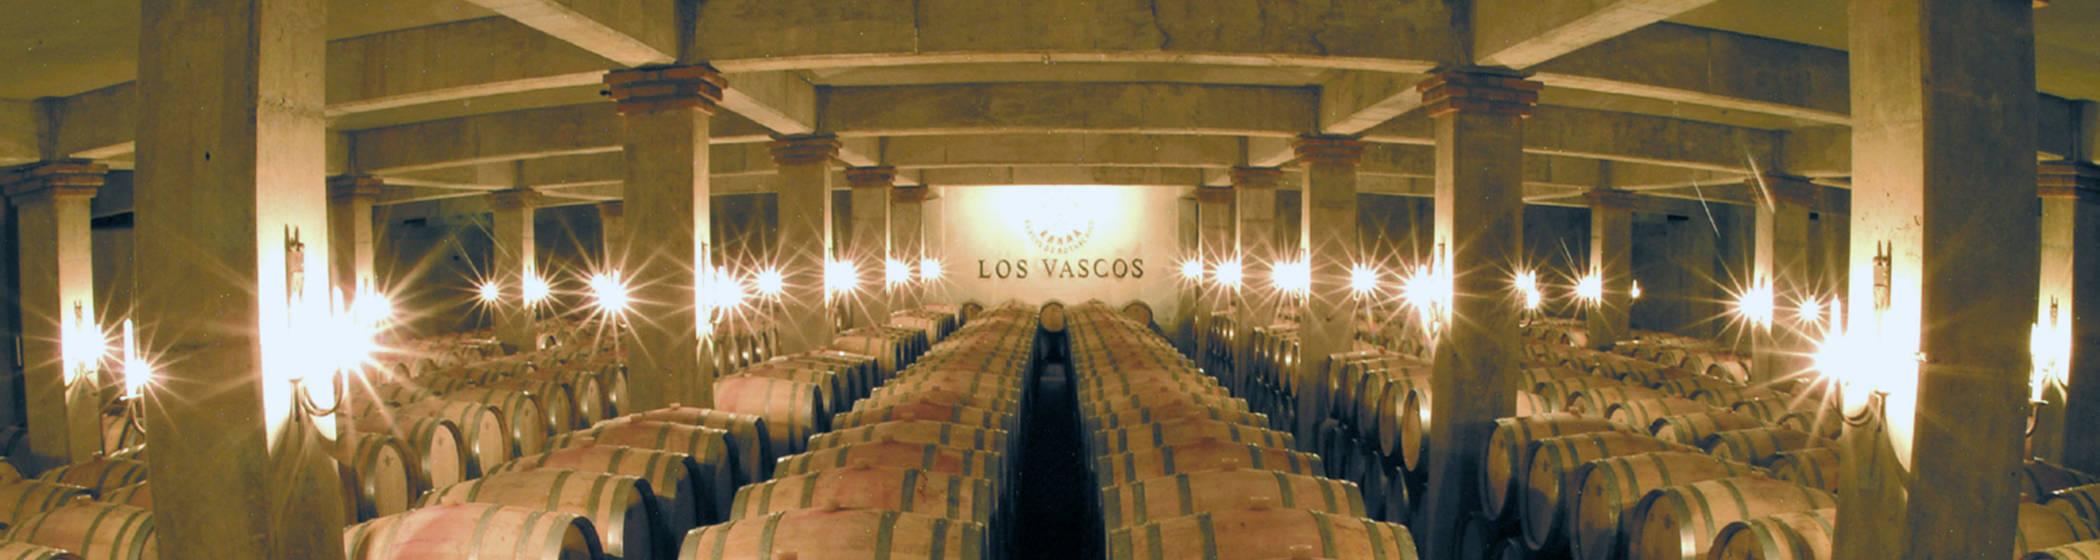 The cellars at Los Vascos